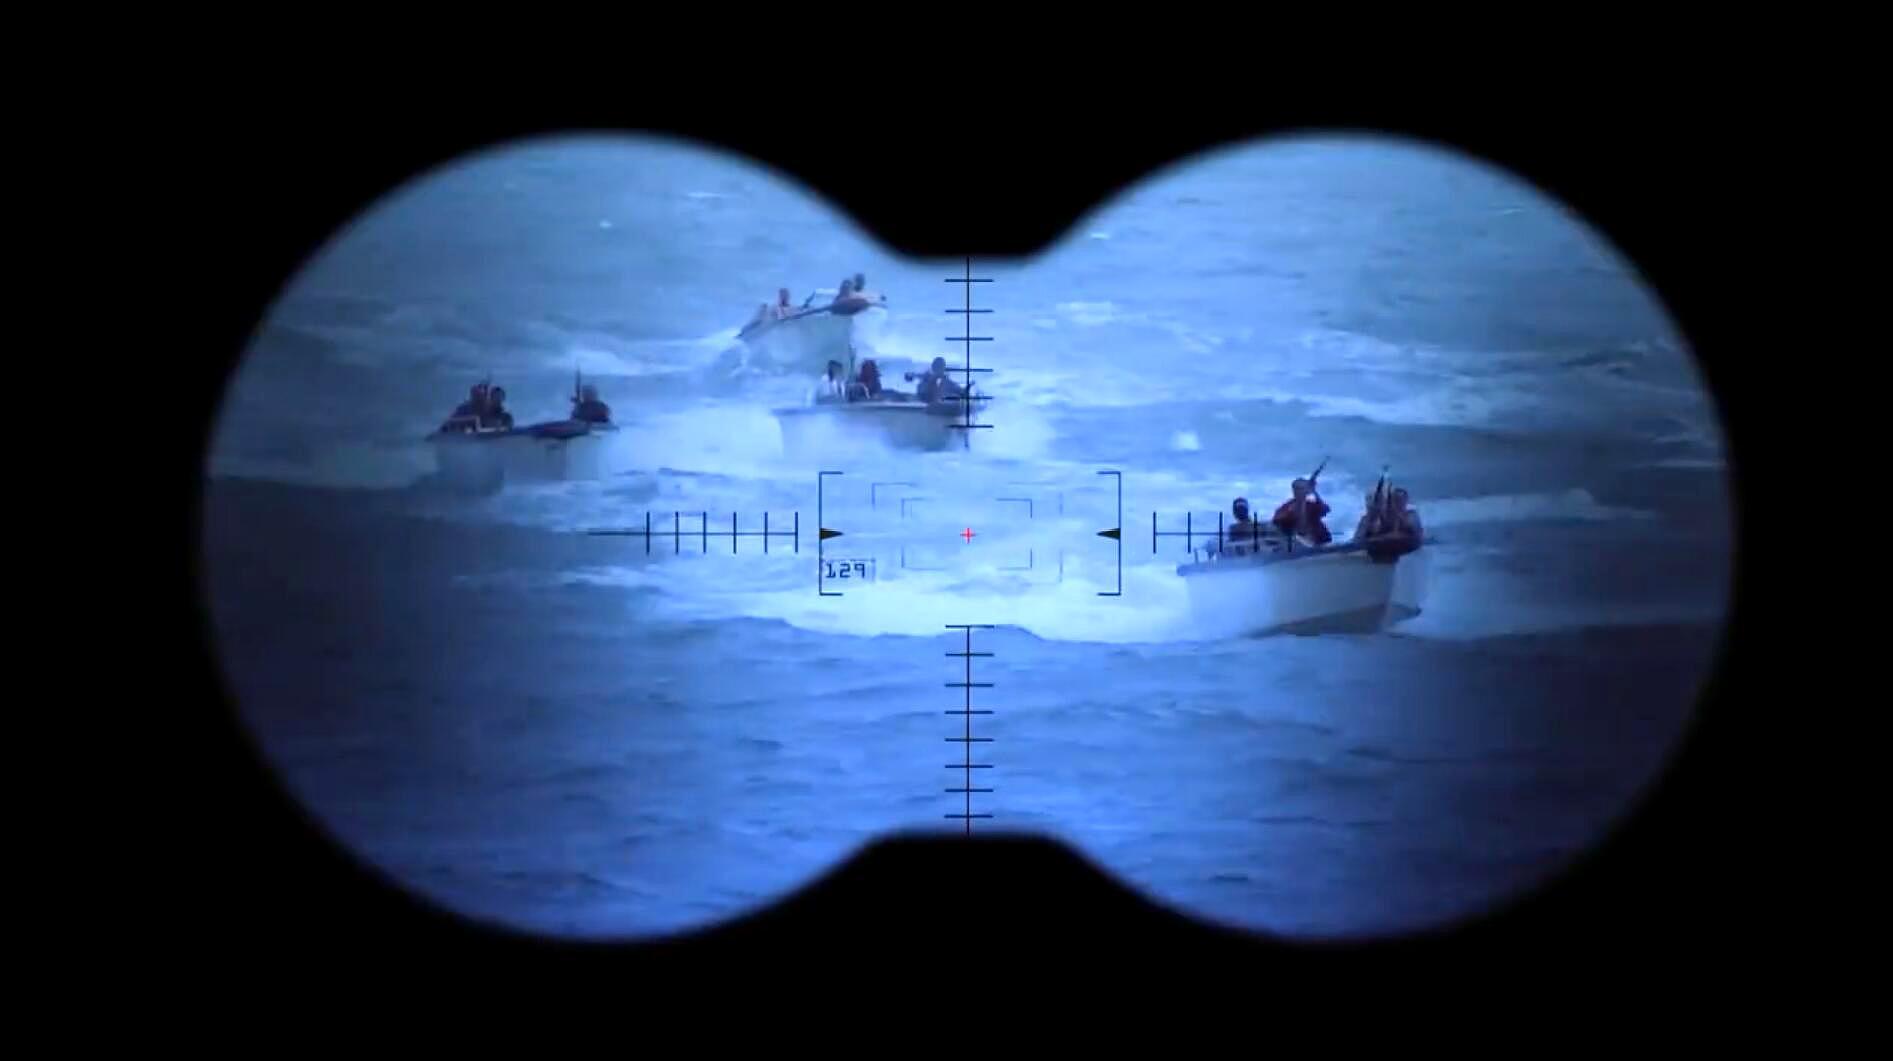 海盗胆真肥!竟敢组团对抗海军特战队!霸气海军团灭海盗!